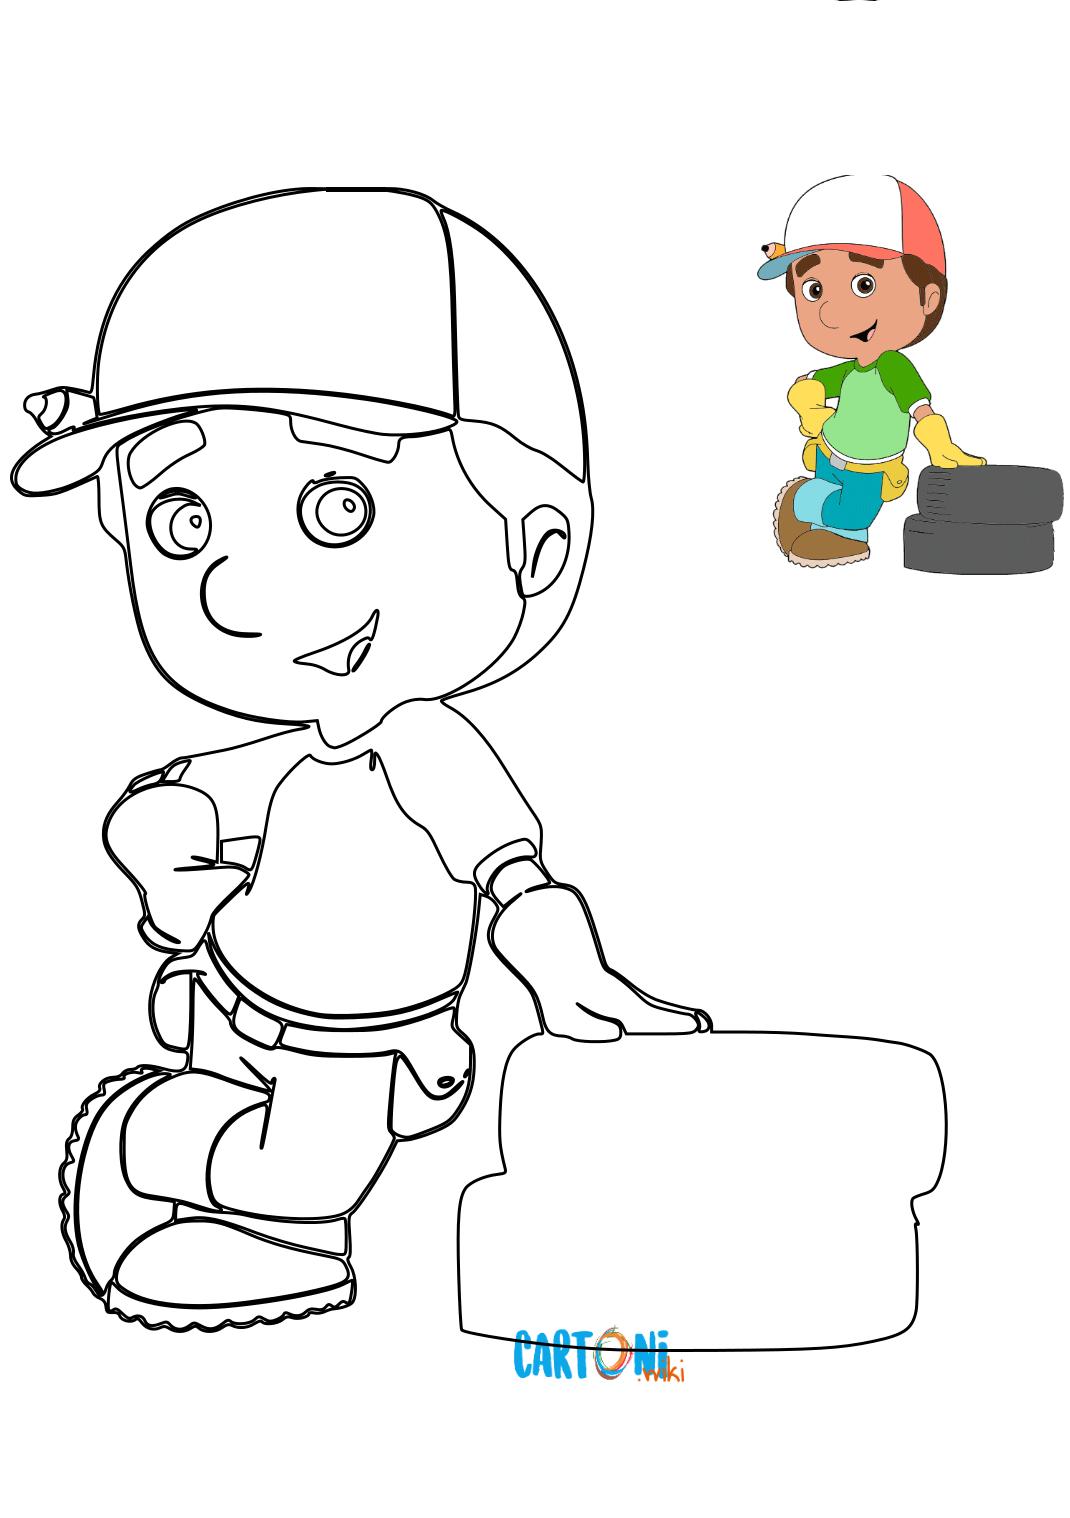 Manny tuttofare stampa disegni - Disegni da colorare